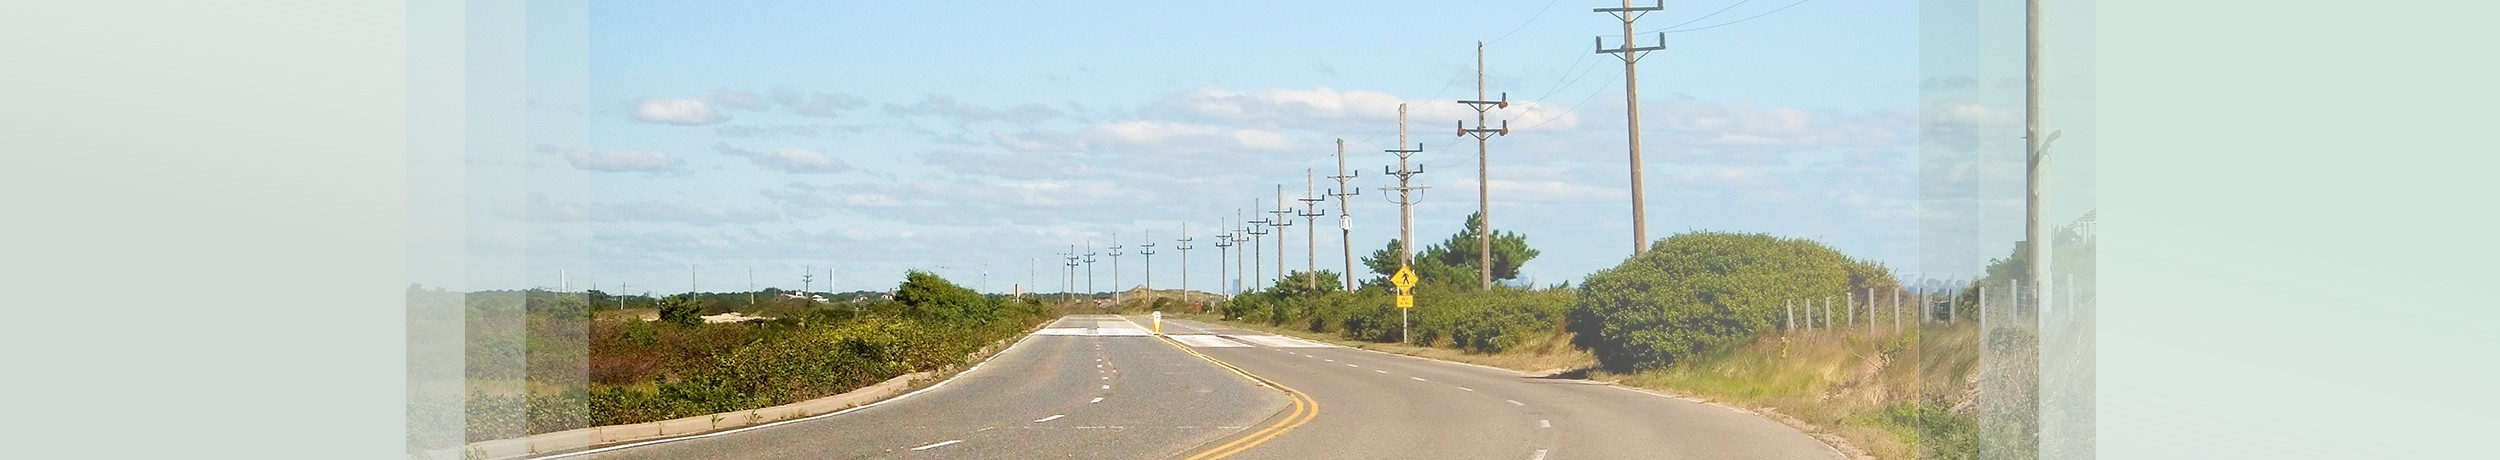 BG-roadway1